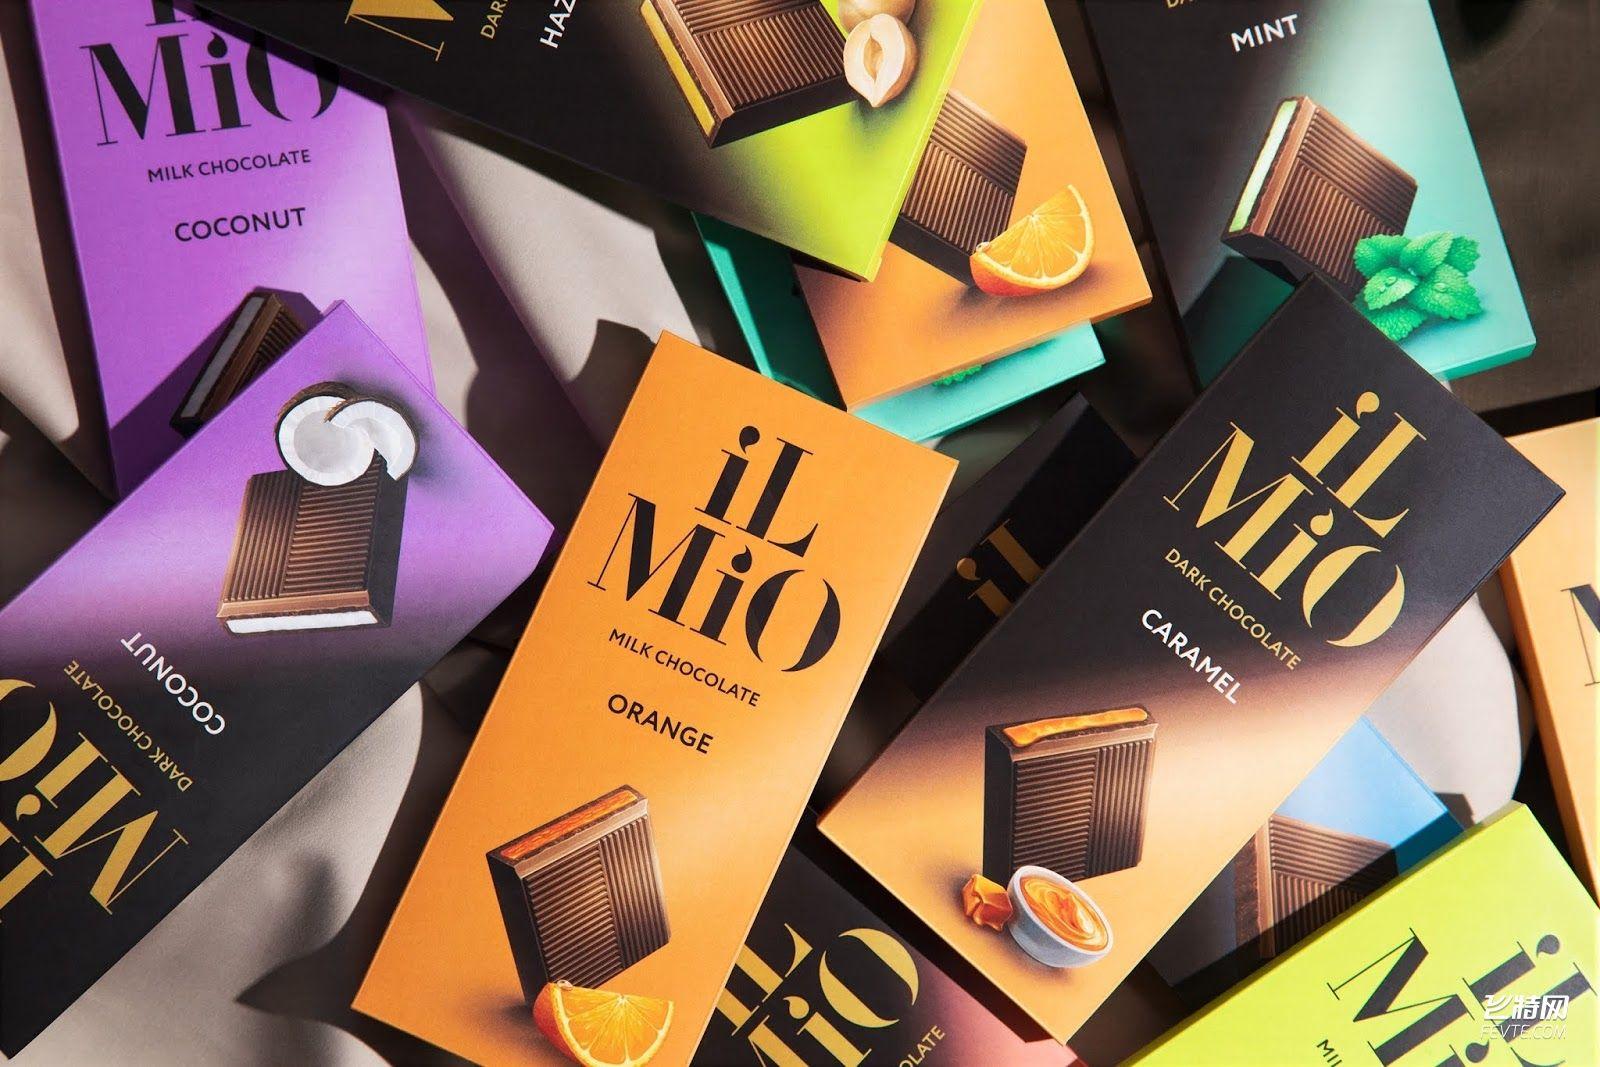 渐变现代风格的巧克力包装设计 飞特网 食品包装设计